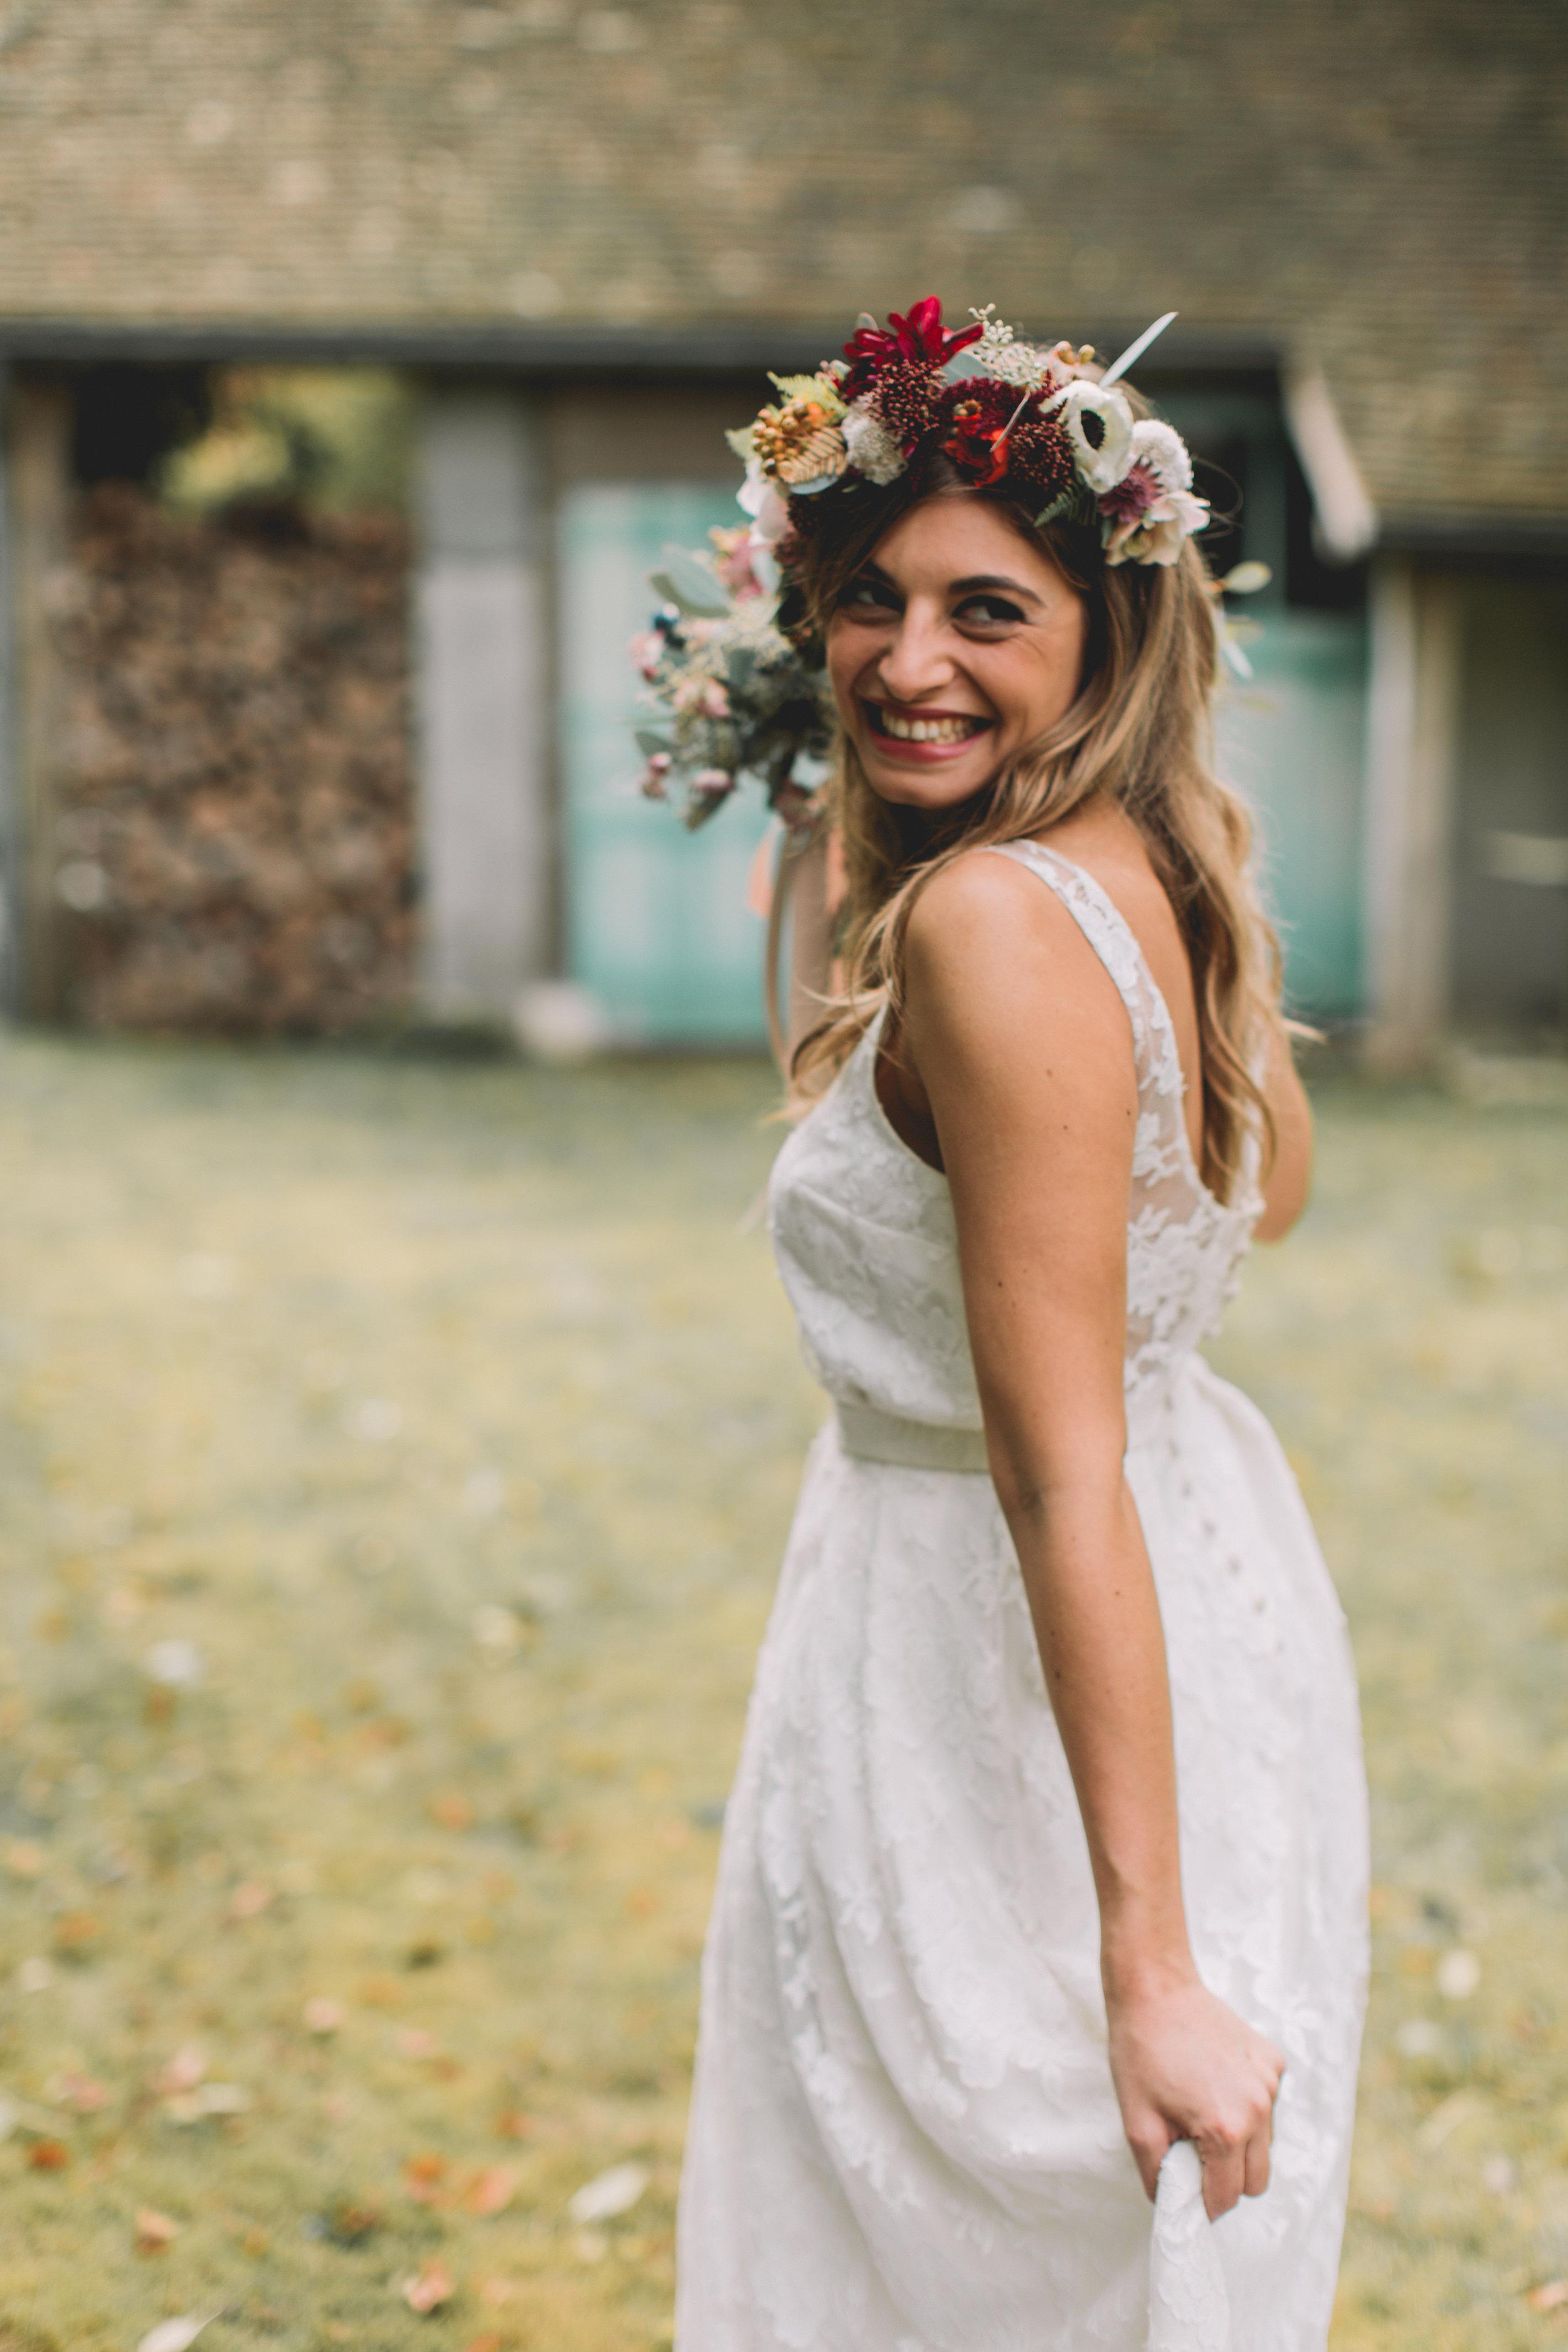 bröllop+boho+höst+brudbukett+brudklänning